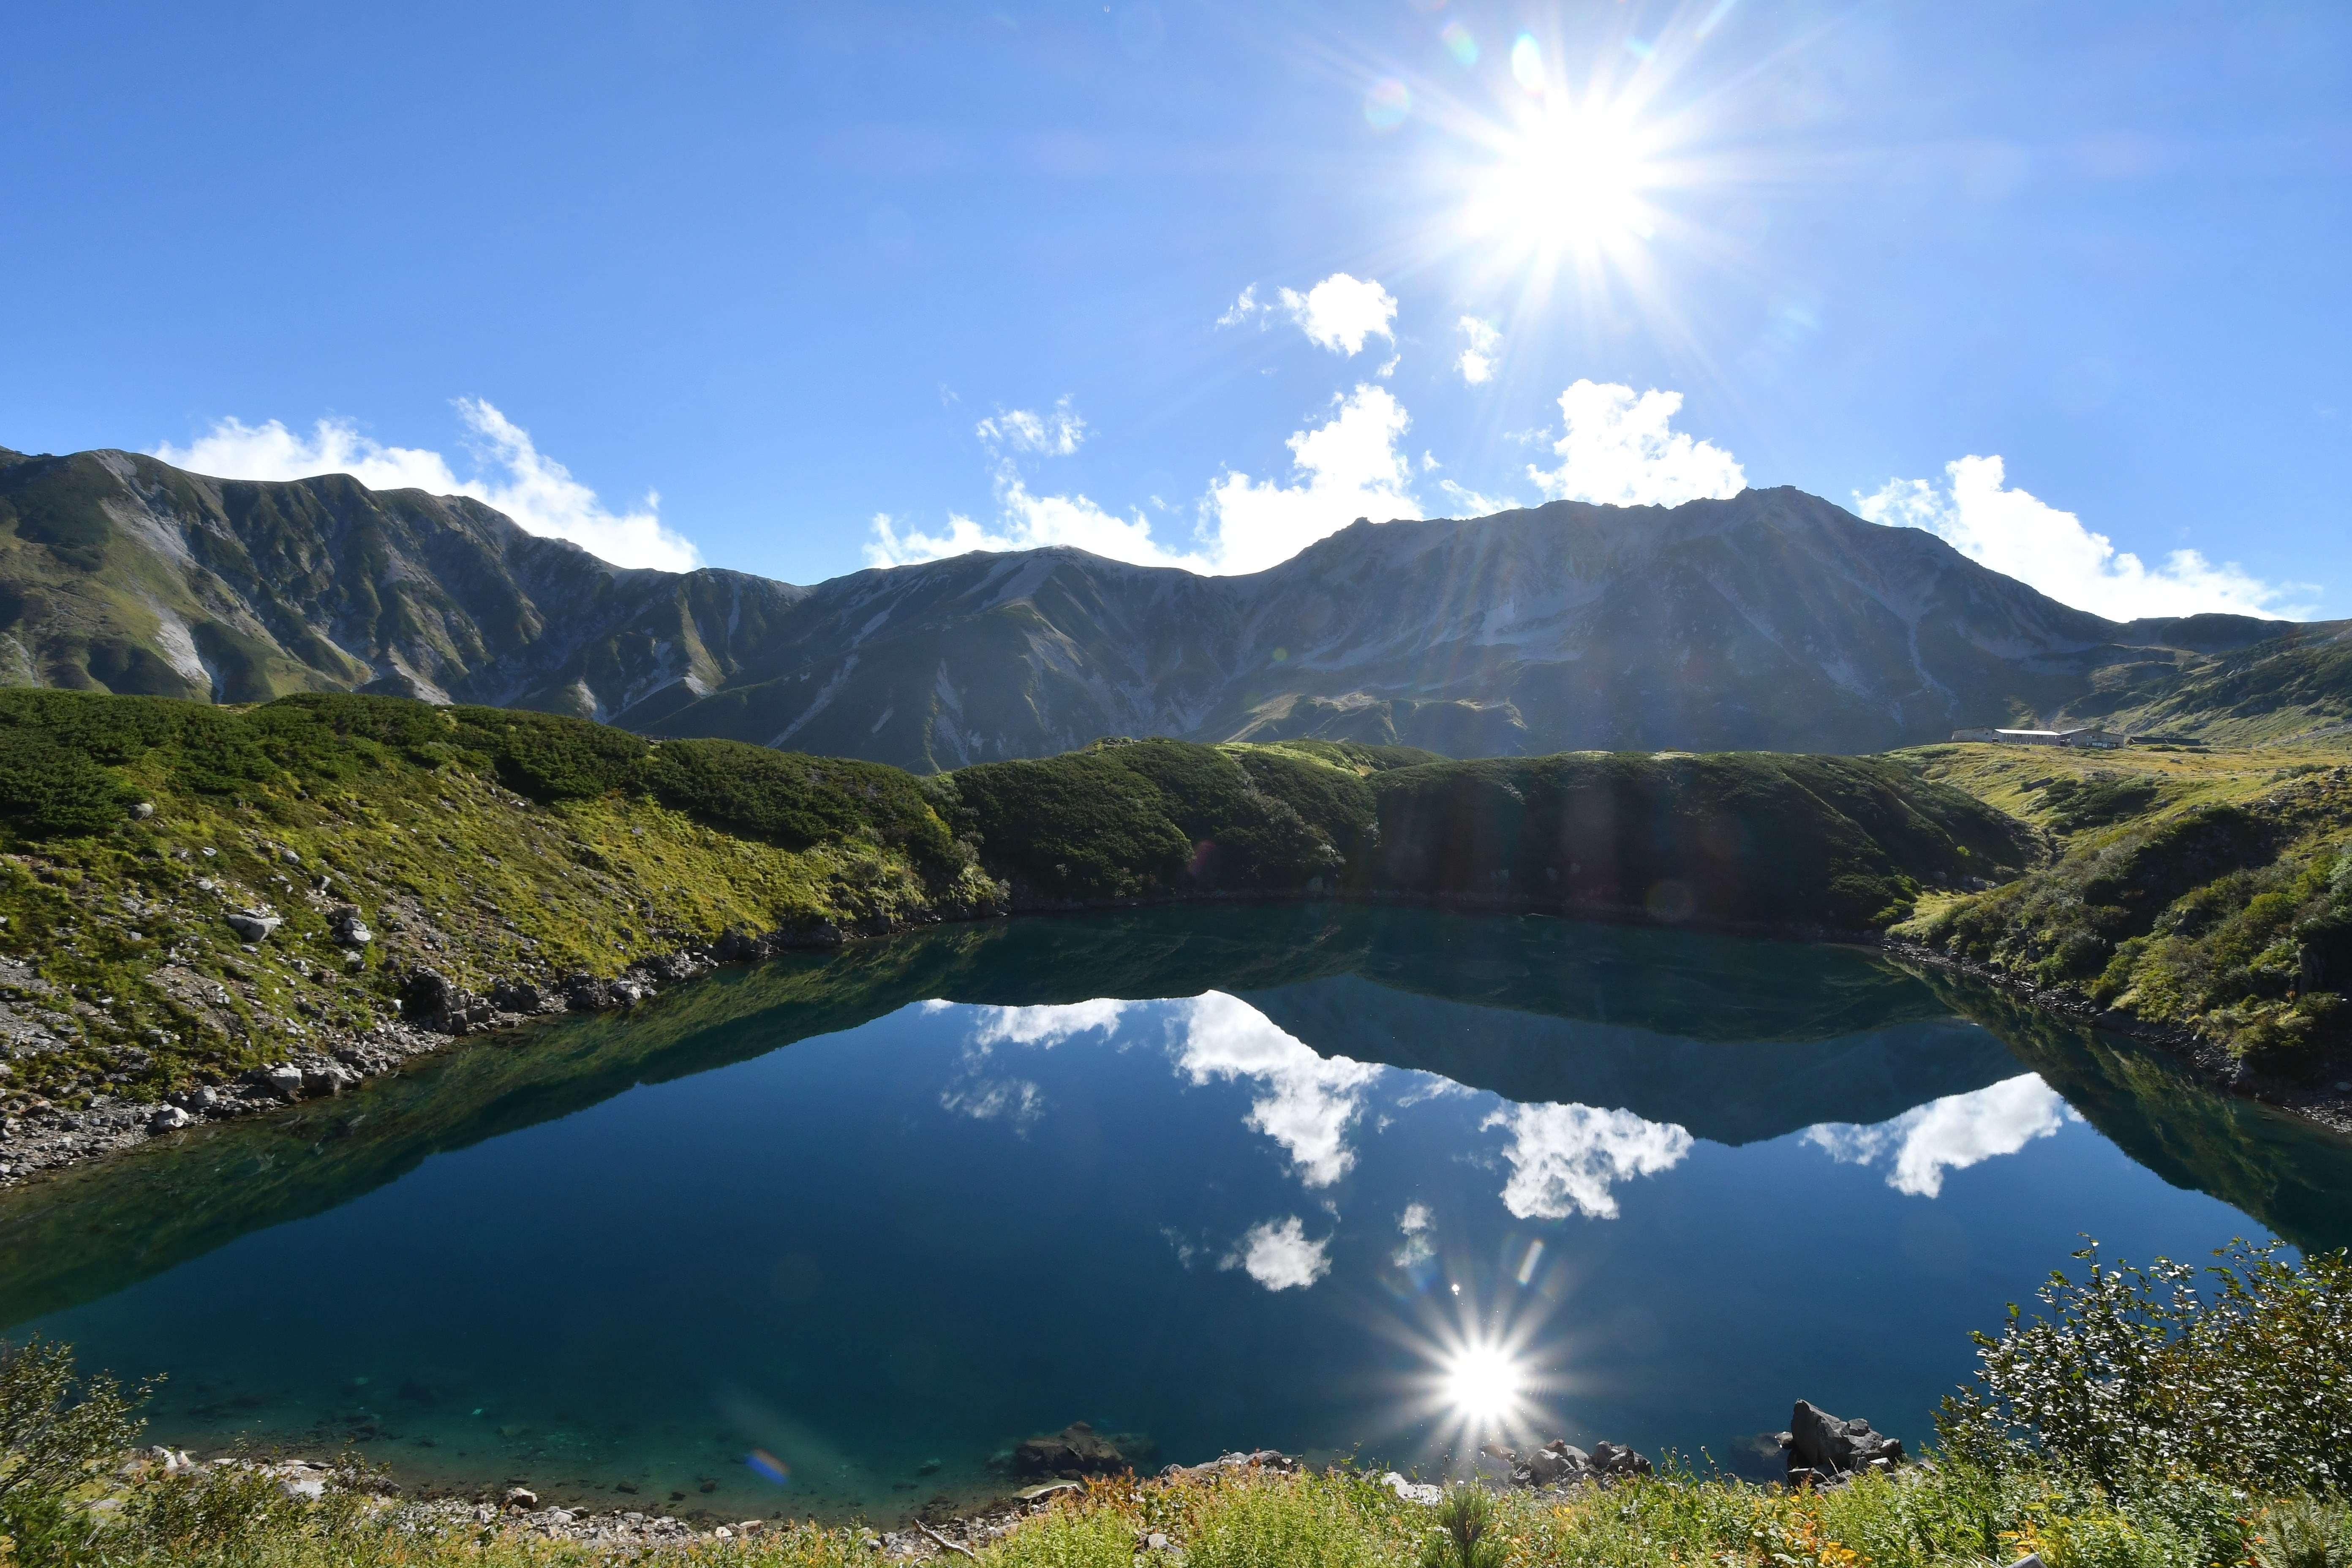 ヤマテン×アルパインツアー・コラボレーション企画<br>標高2,300m 立山・天狗平山荘に2連泊 <BR>立山連峰・空見ハイキング 3日間